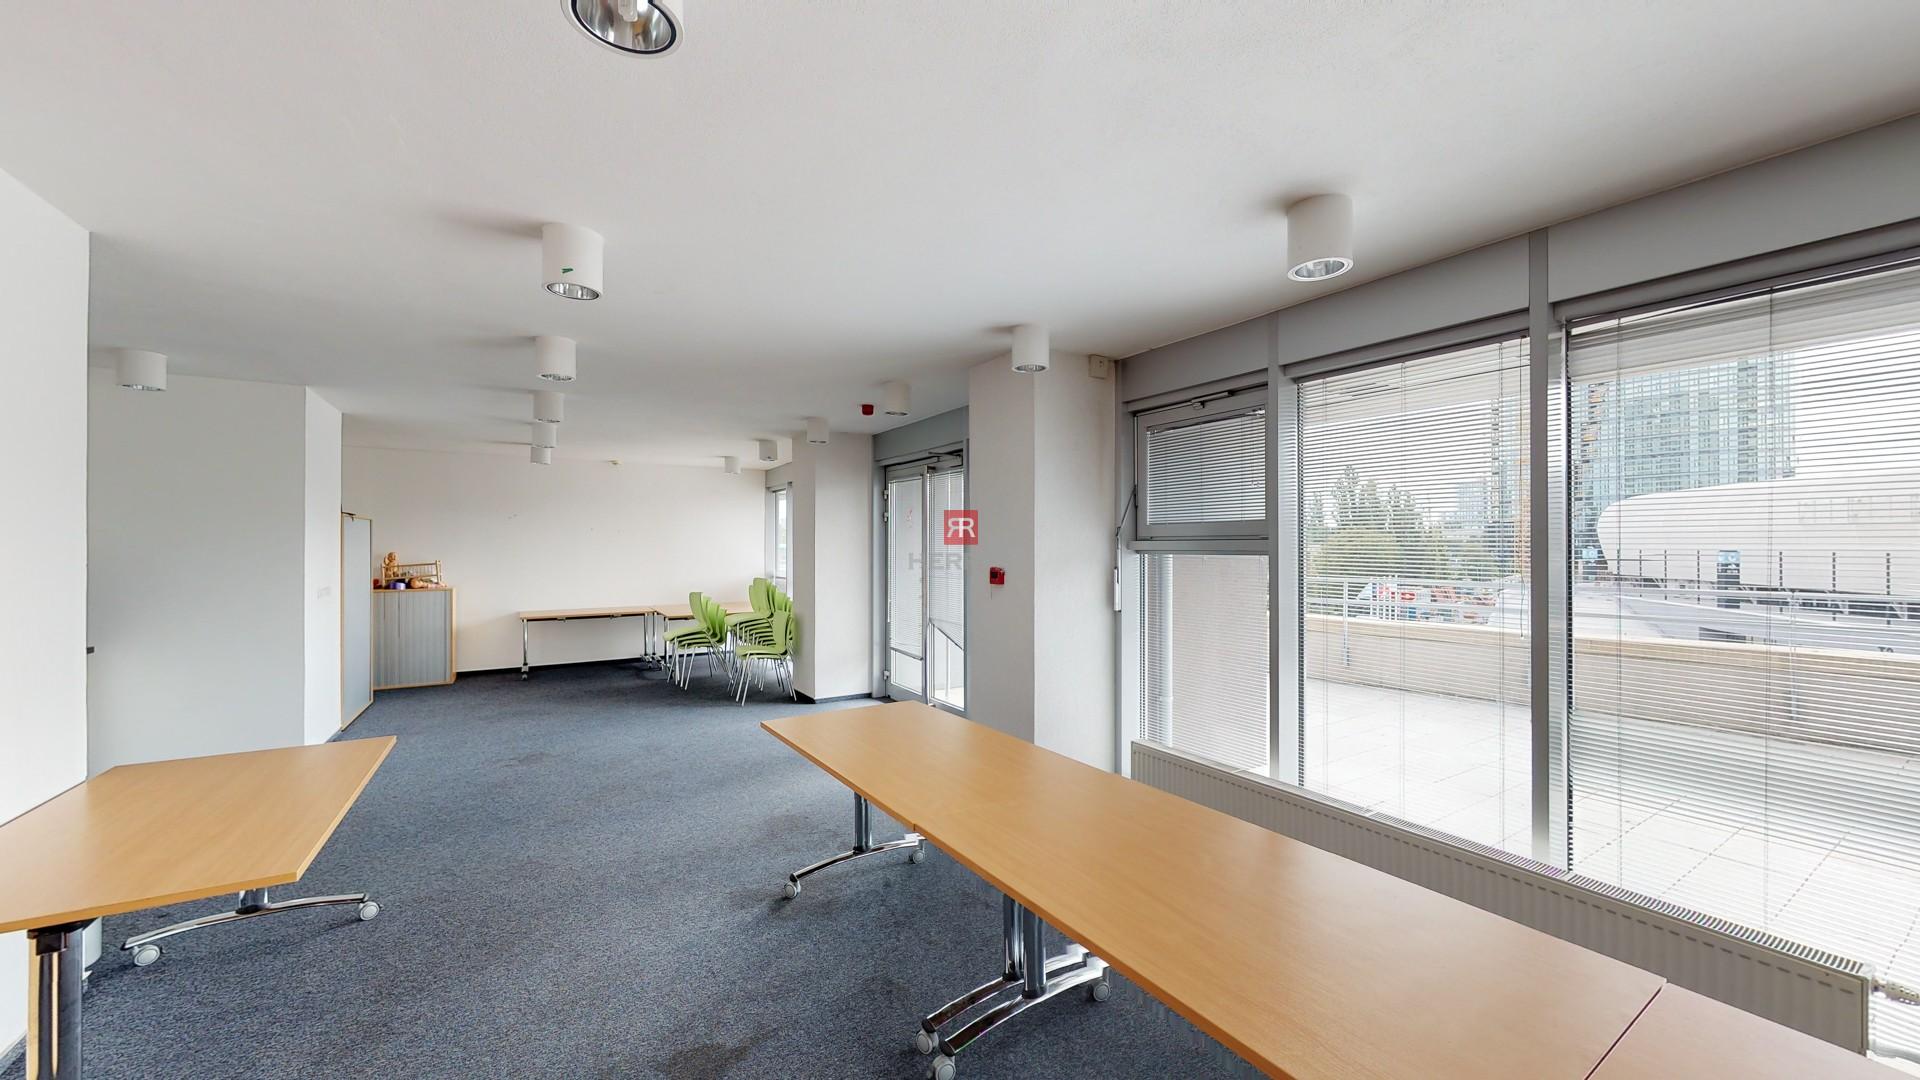 HERRYS - Na prenájom priestranný 2 izbový byt s garážovým státím v projekte III Veže